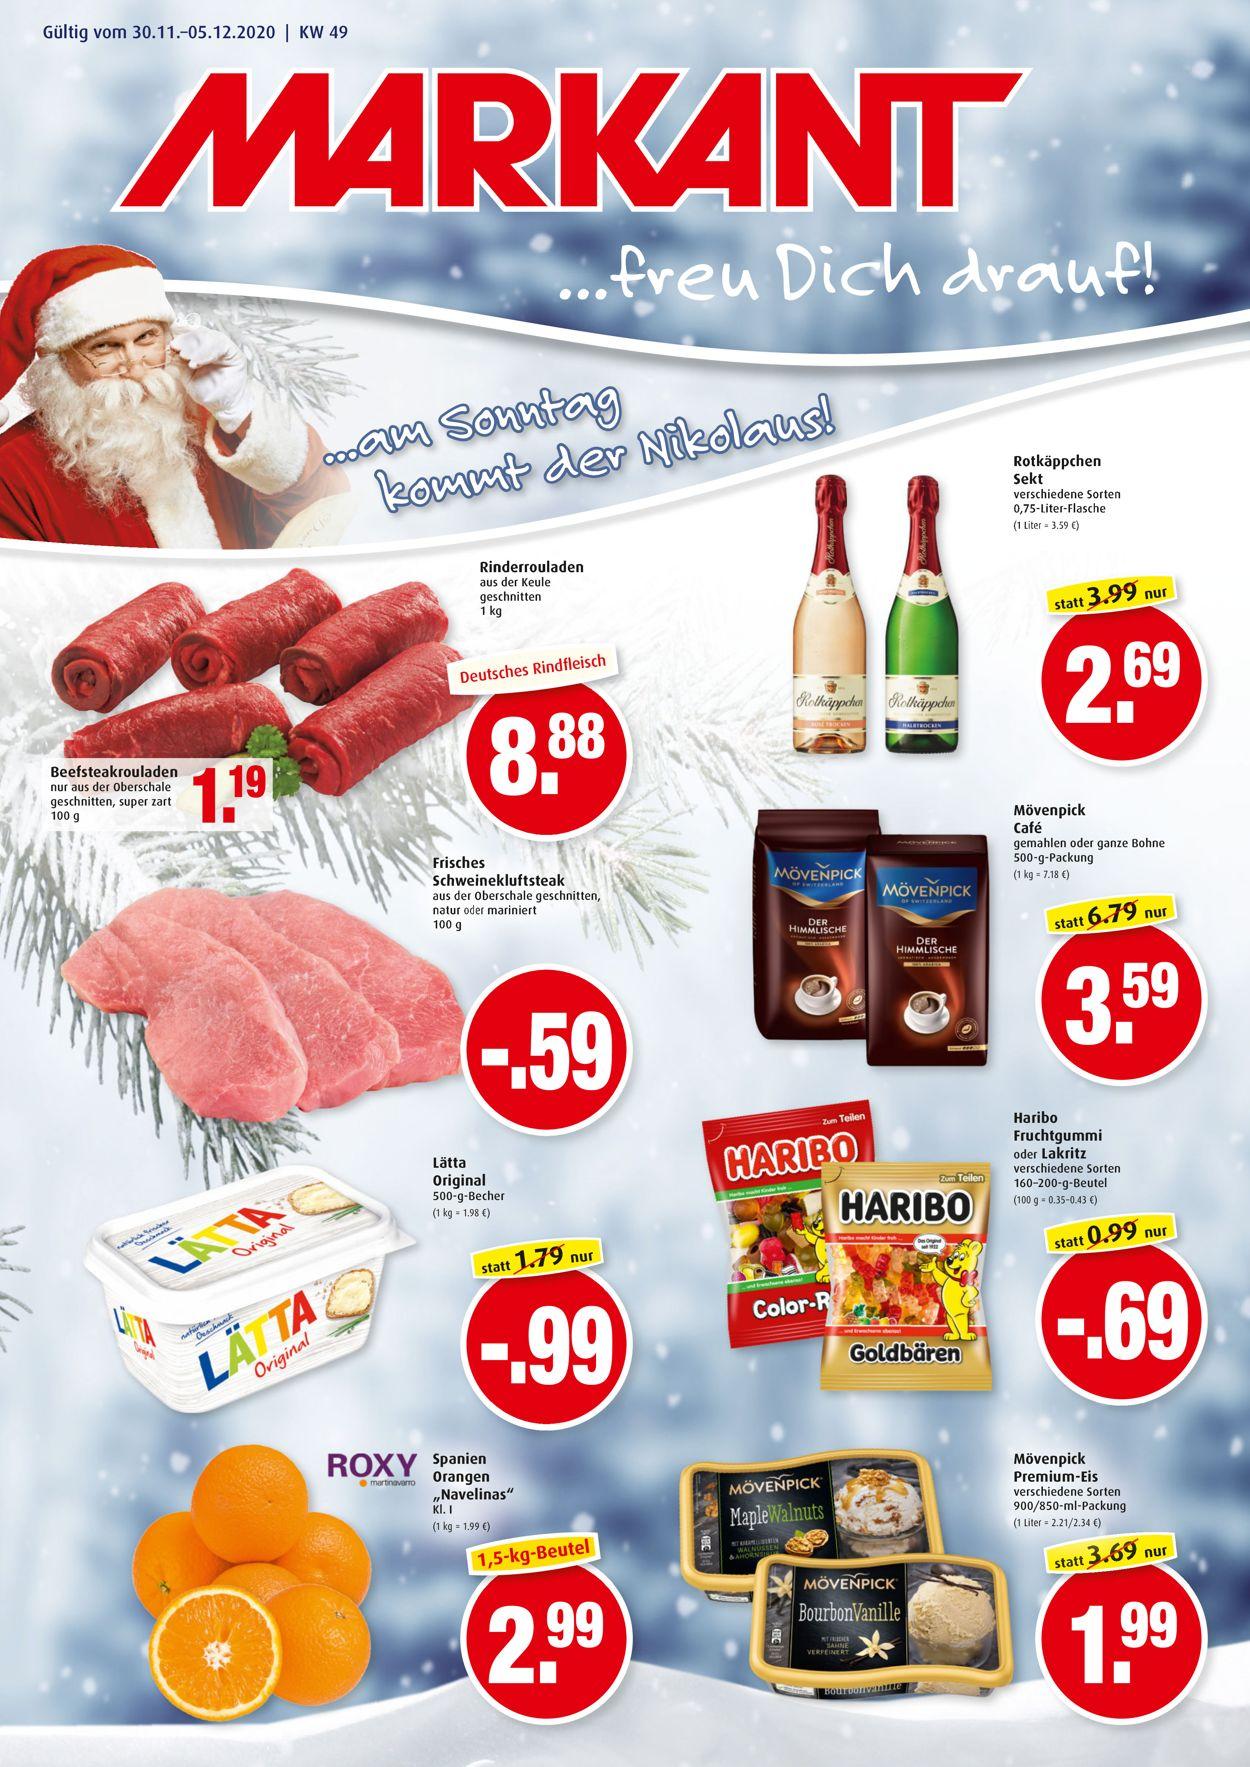 Markant Weihnachtsprospekt 2020 Prospekt - Aktuell vom 30.11-05.12.2020